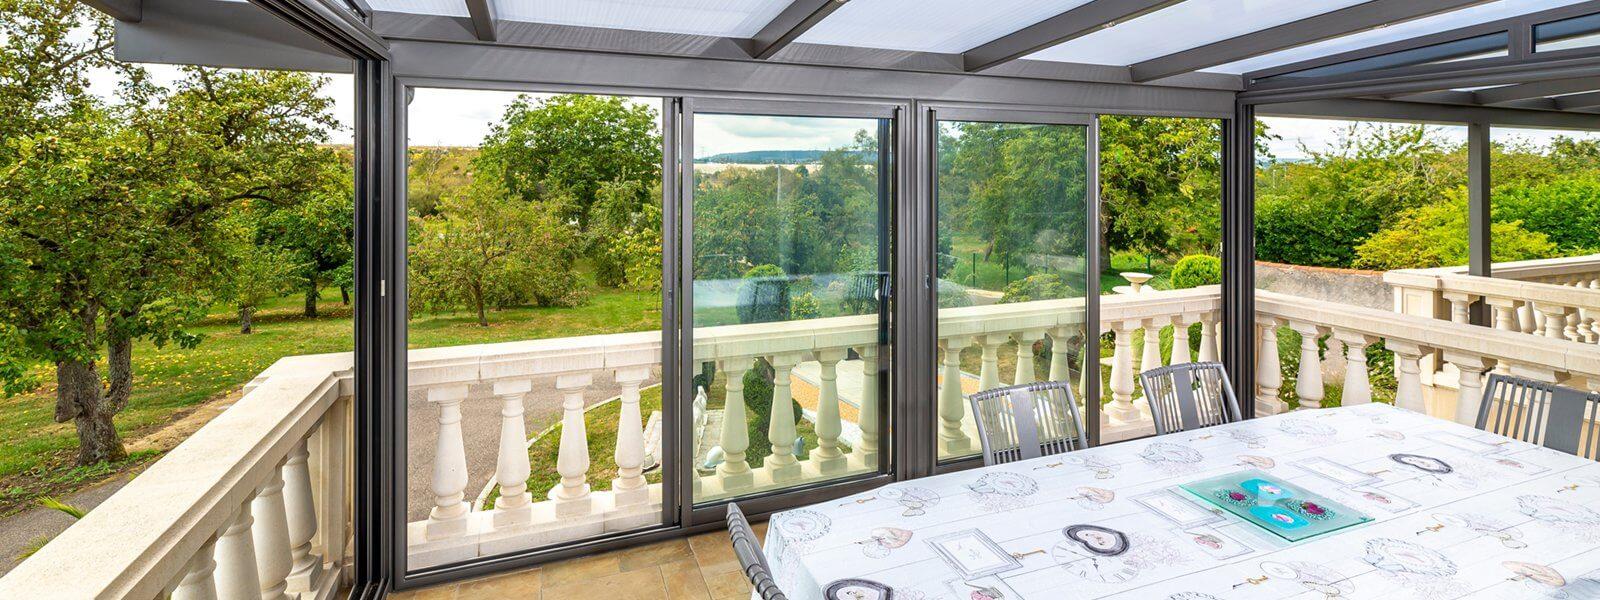 maison modernisée grâce à l'aluminium